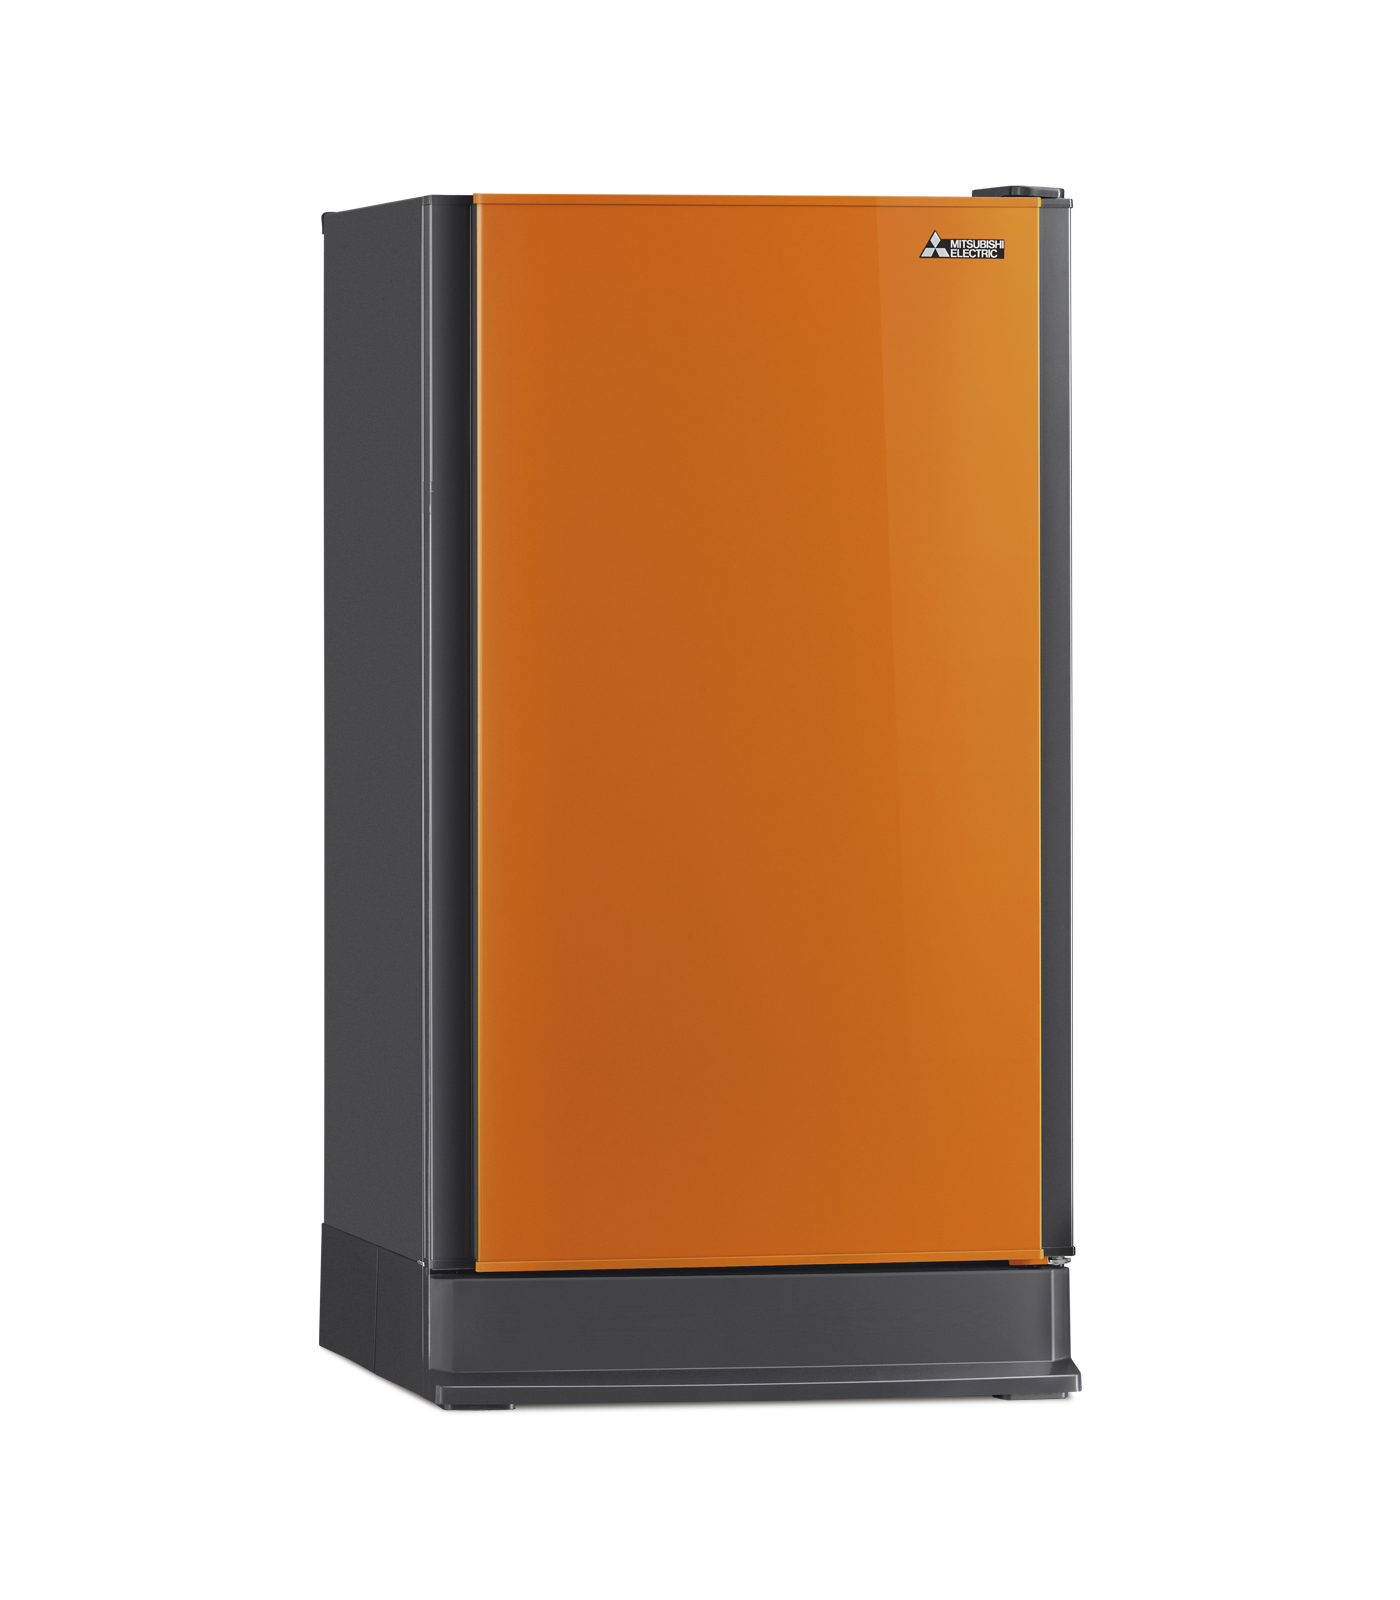 Mitsubishi ตู้เย็น 1 ประตู 6.4 คิว รุ่น MR-18-OR (สีส้ม)